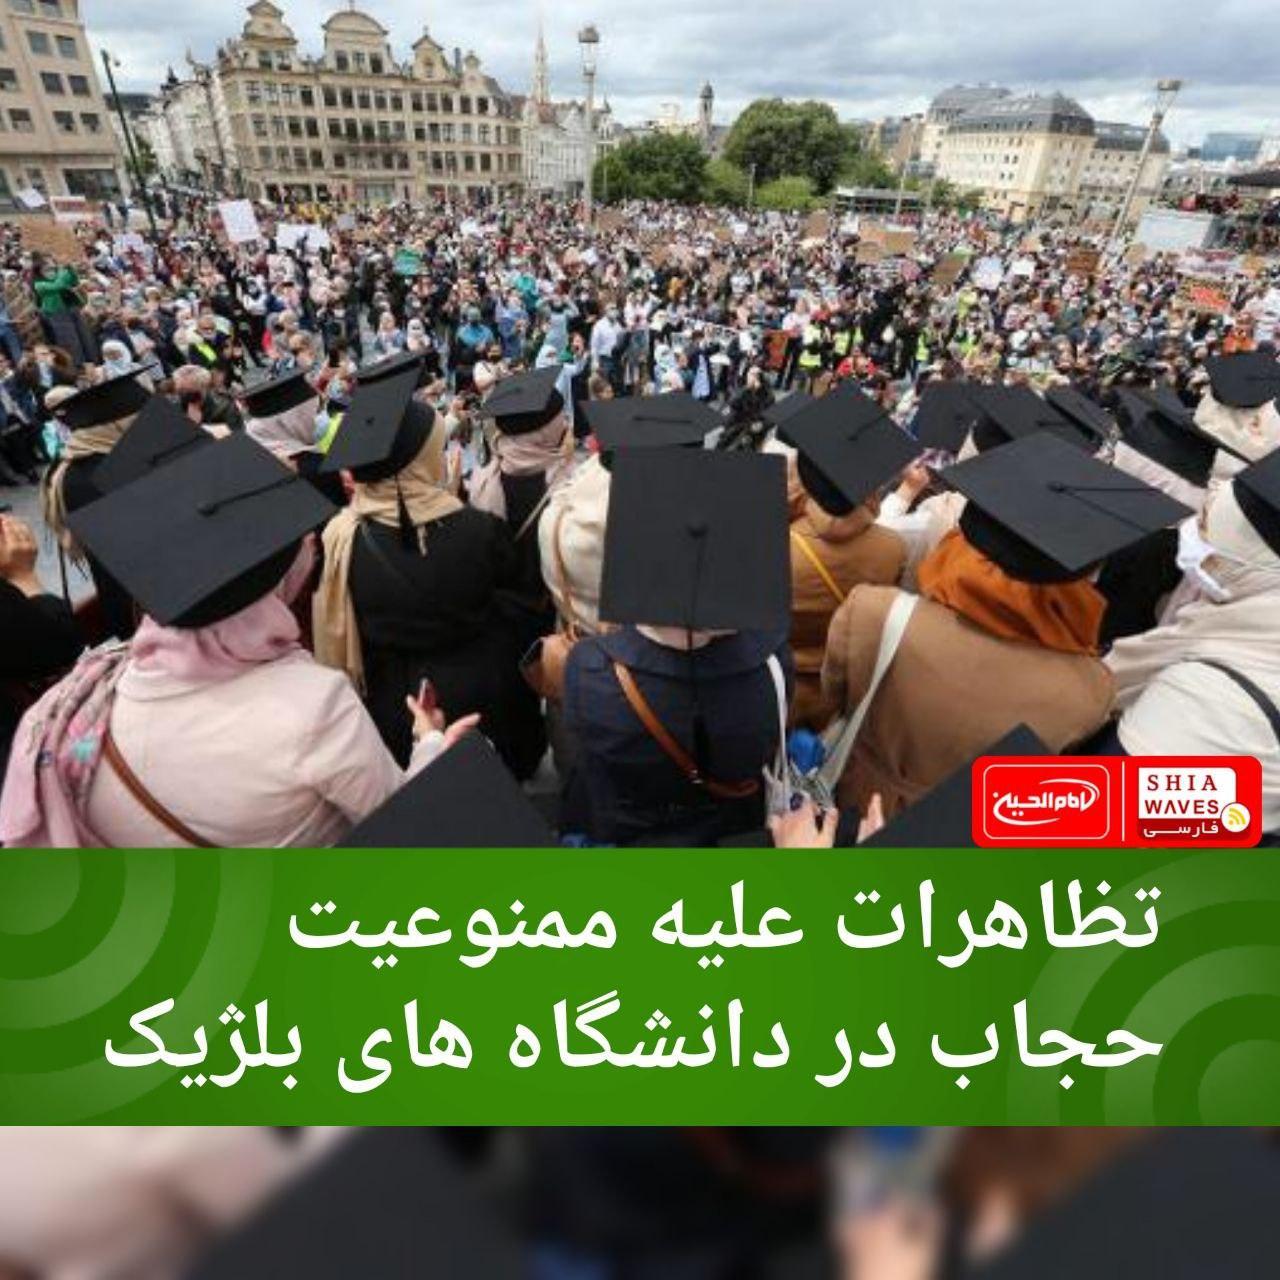 تصویر تظاهرات علیه ممنوعیت حجاب در دانشگاه های بلژیک